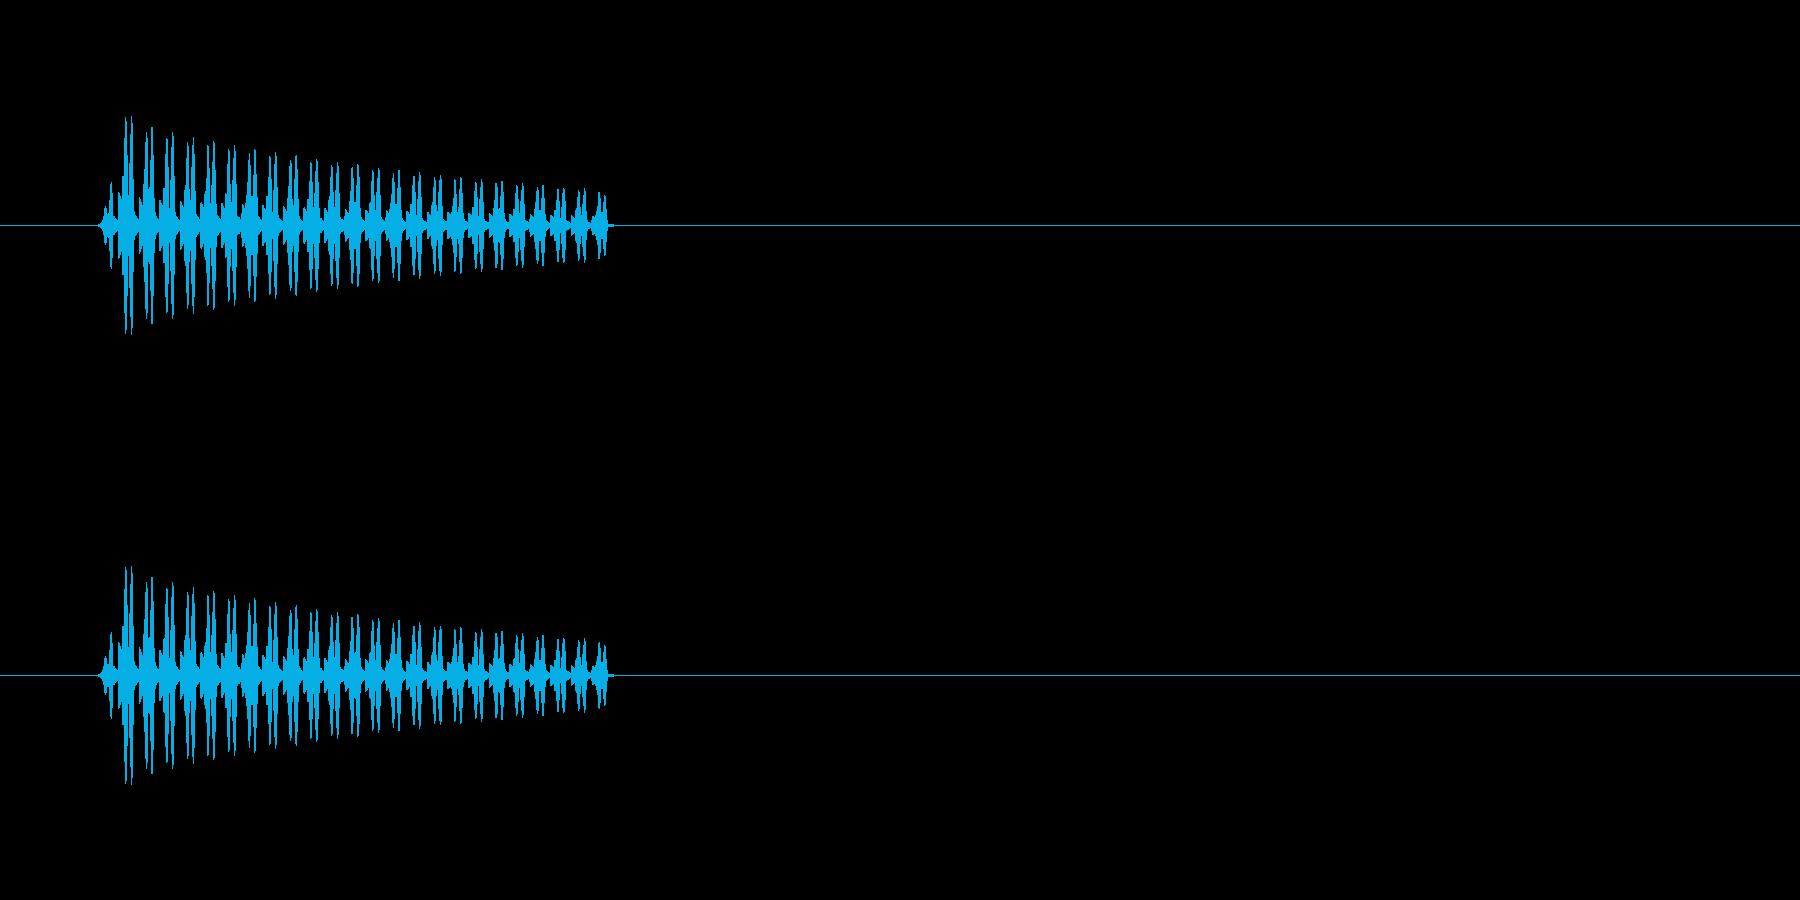 ブー(選択不可音)1の再生済みの波形